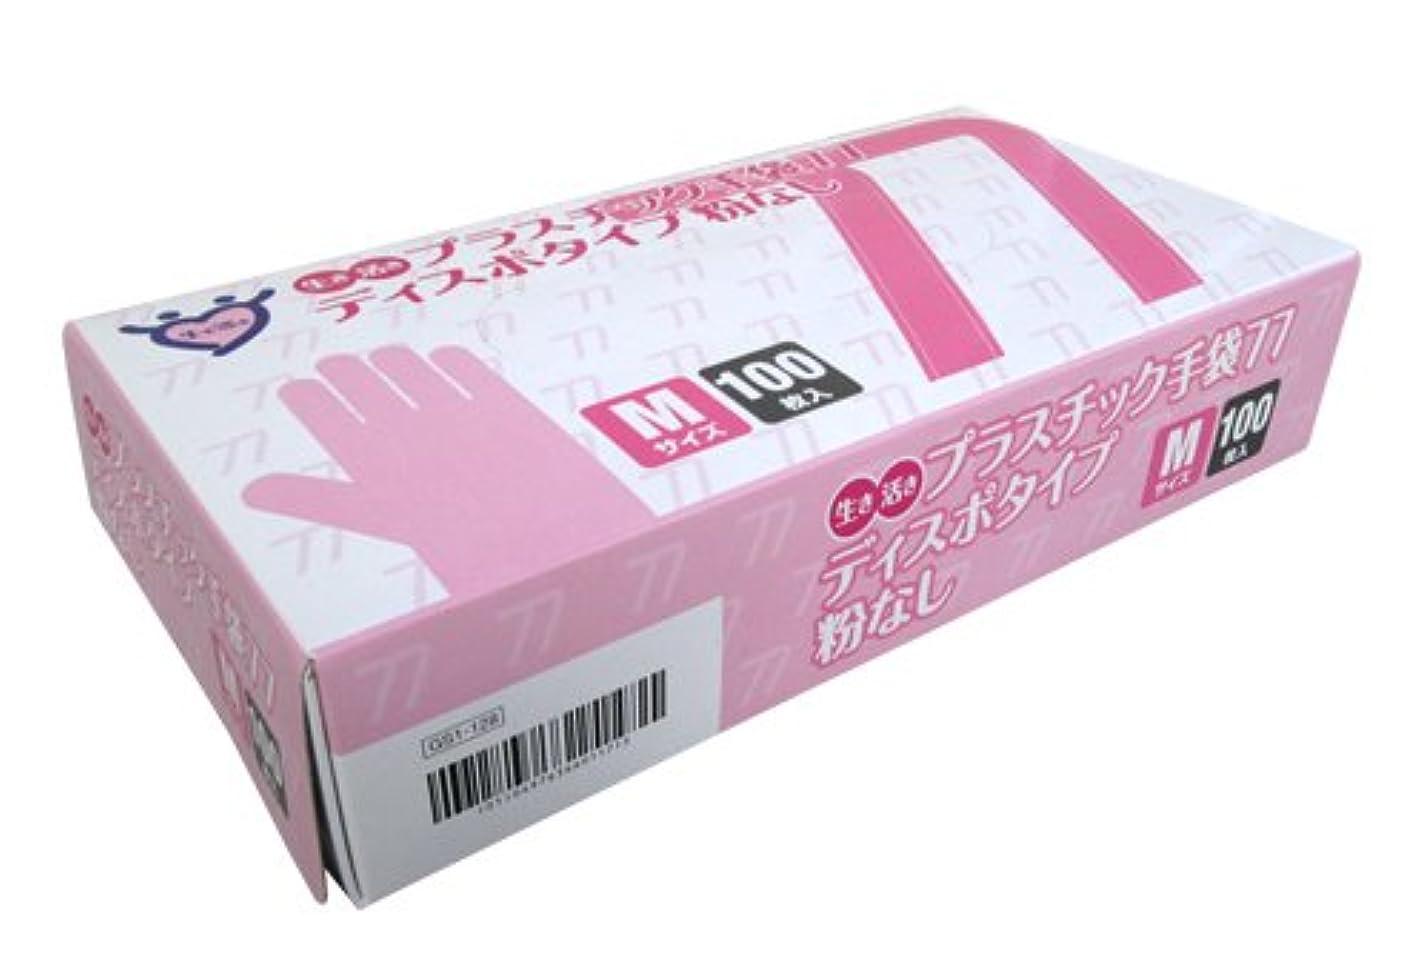 欺タッチ惑星宇都宮製作 生き活きプラスチック手袋77 ディスポタイプ 粉なし 100枚入 M